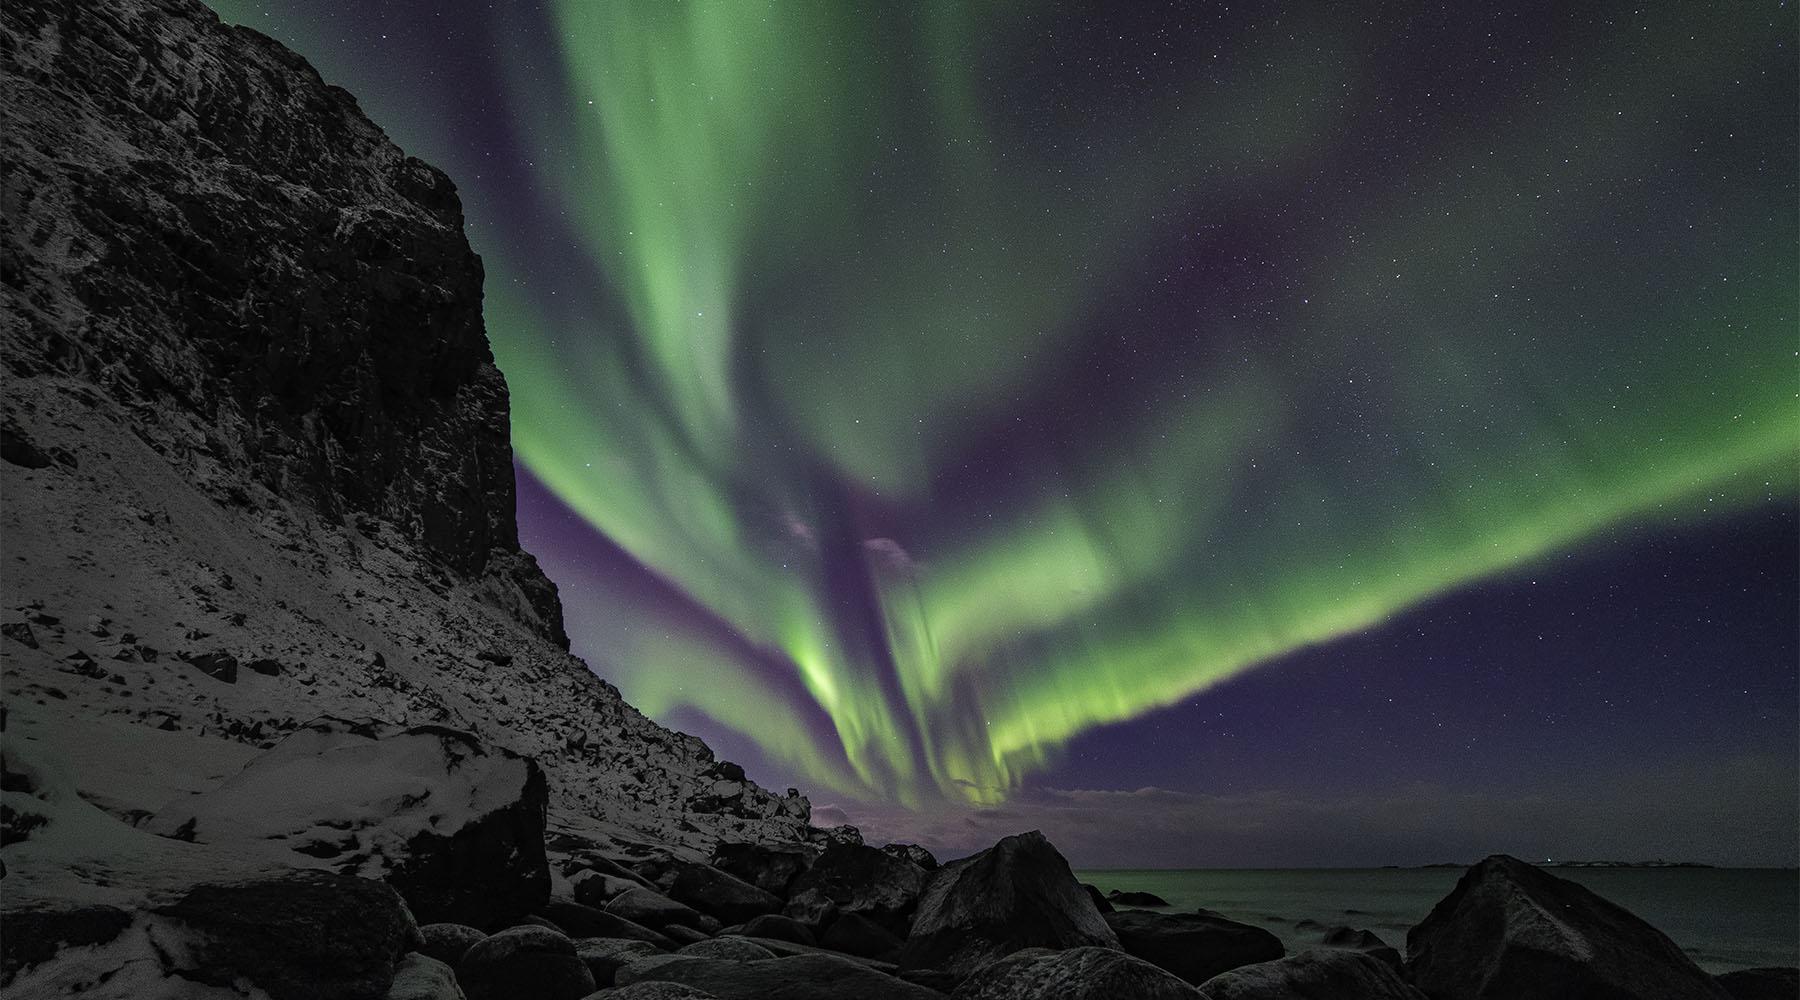 Northern Lights from Uttakleiv Beach -Lofoten Islands, Norway